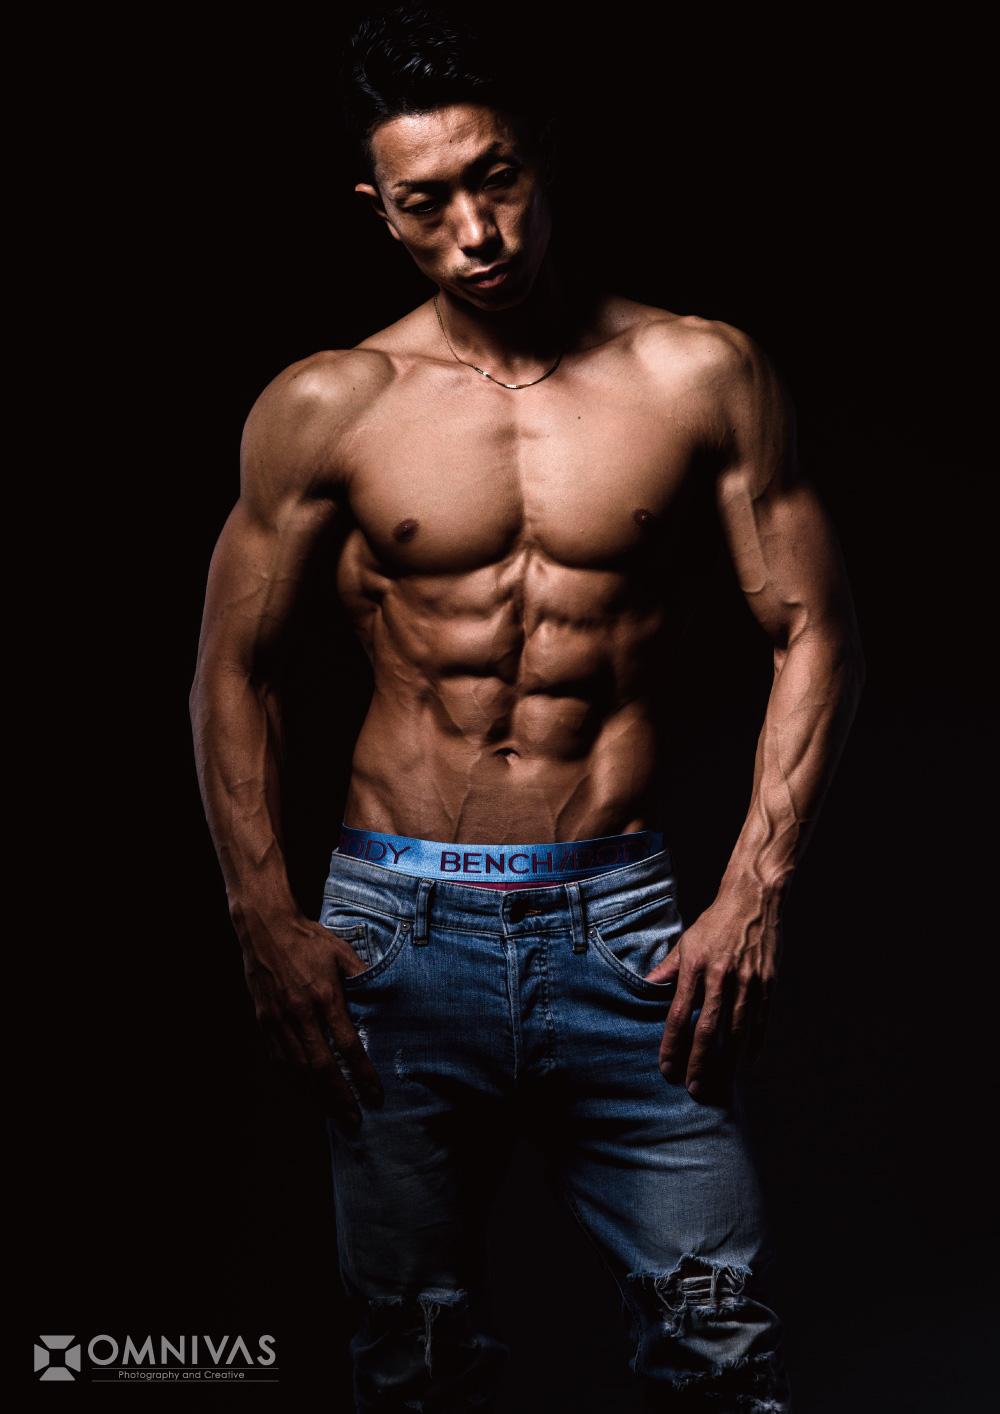 フィジーク選手の肉体美